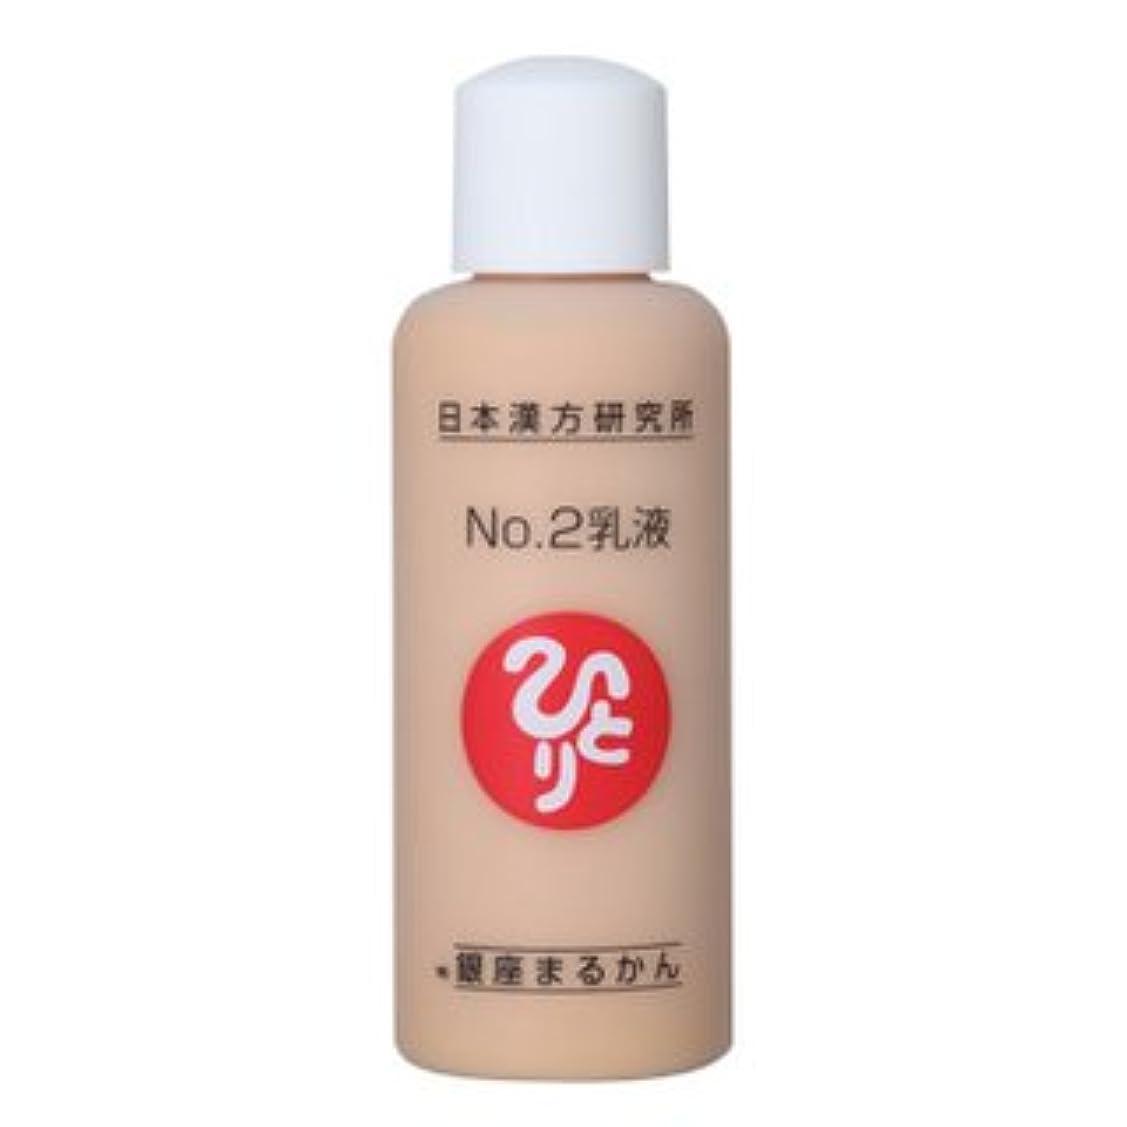 経済花弁肥料銀座まるかん No.2乳液